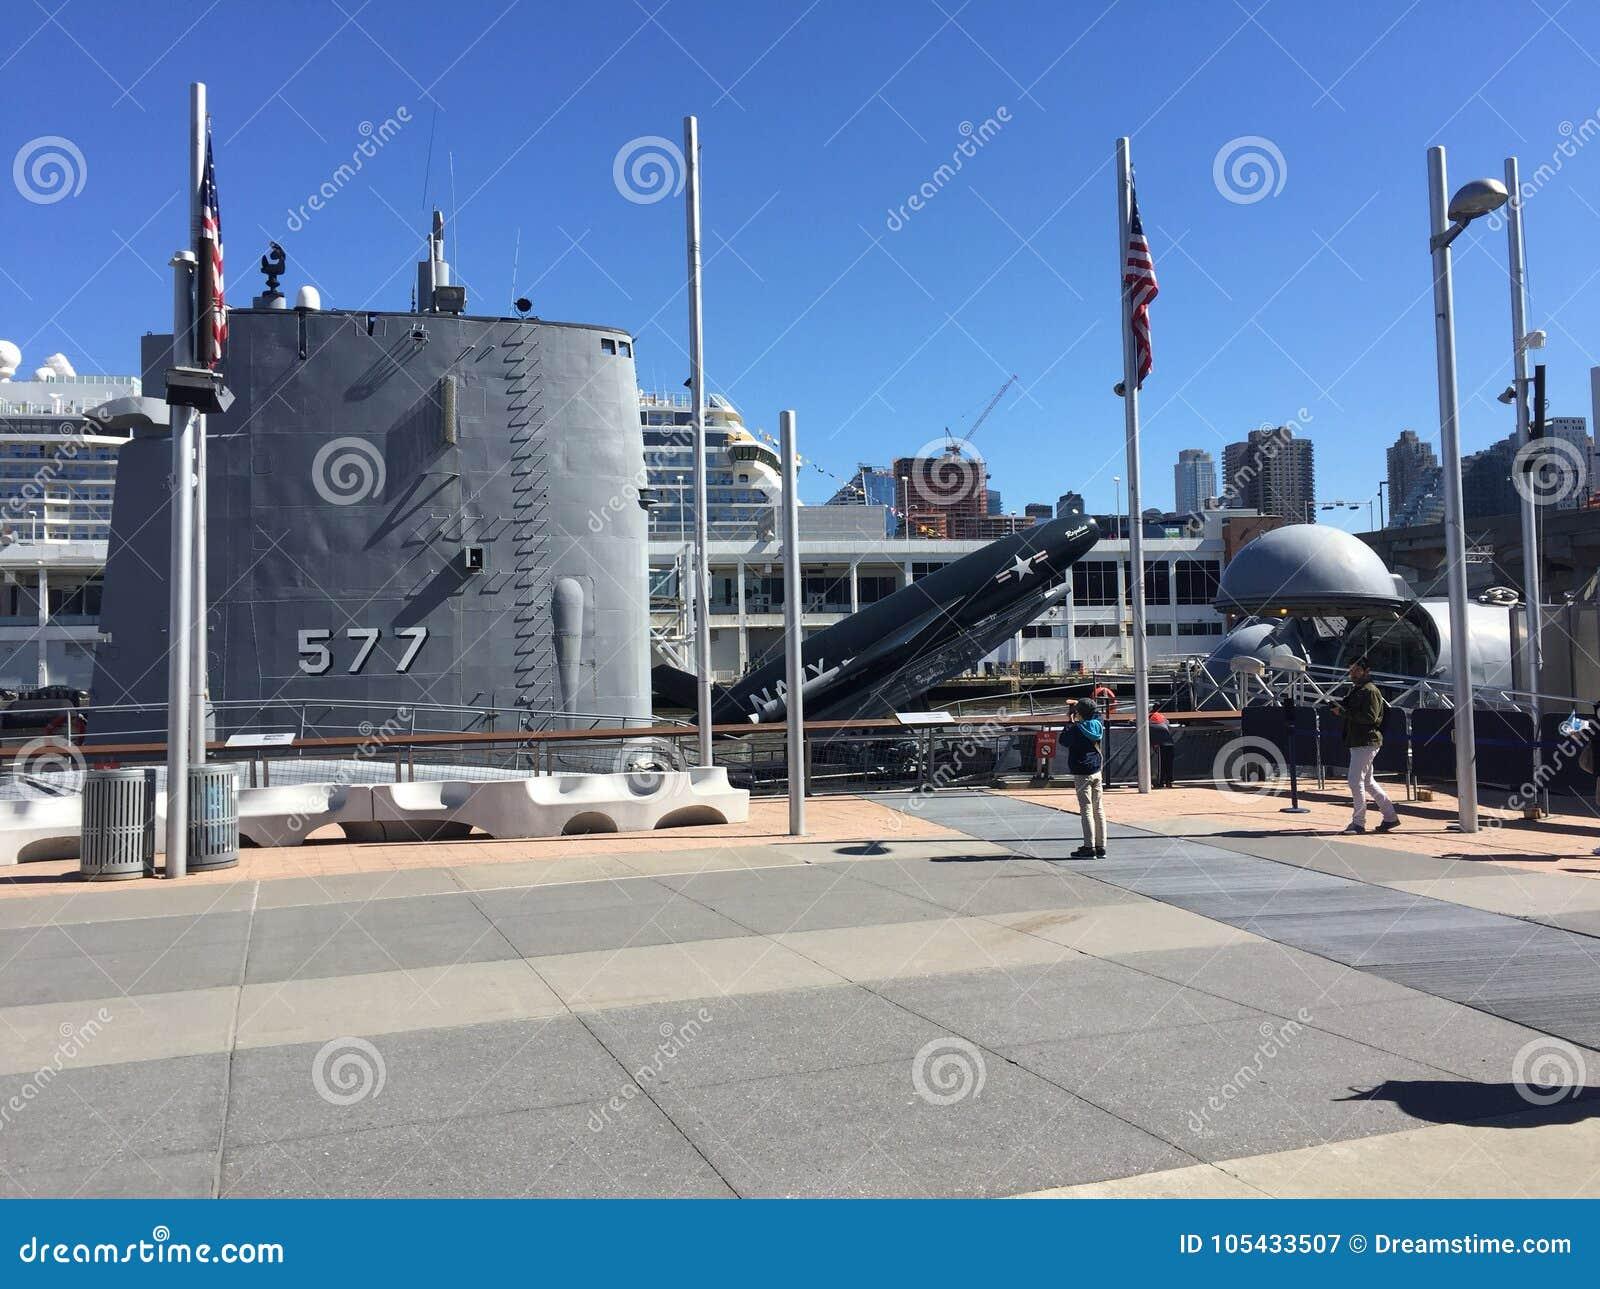 Acorazado submarino militar